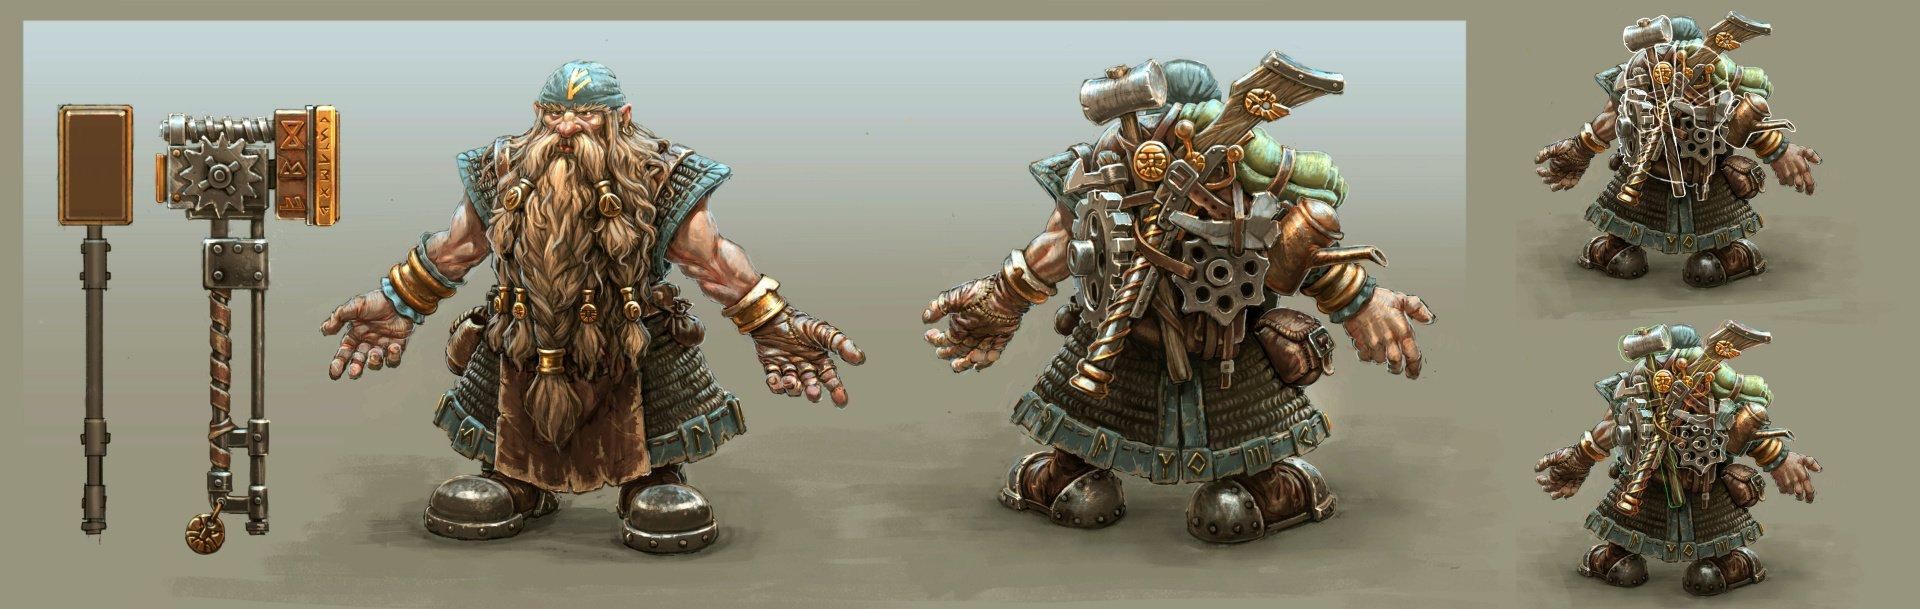 Total War Warhammer   Imgenes juego PC   3DJuegos 1920x609